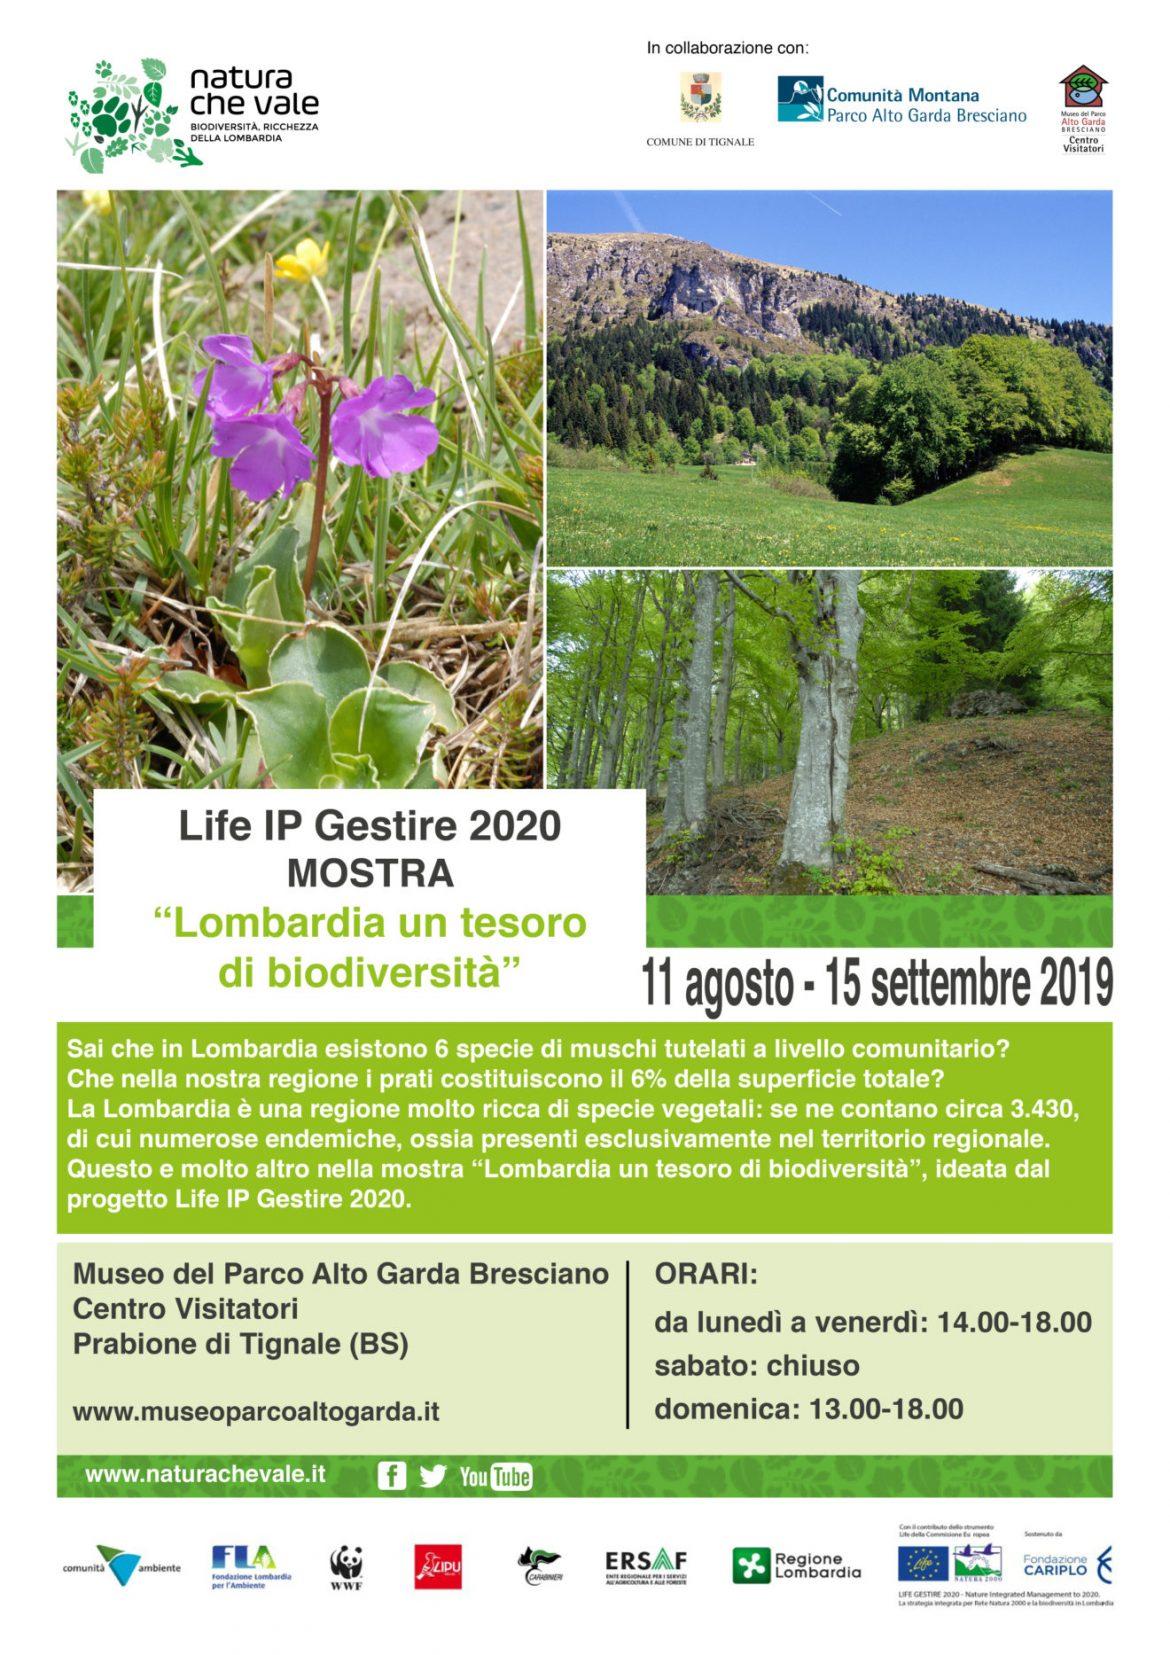 Locandina-mostra-biodiversità-lombarda-Tignale.jpg